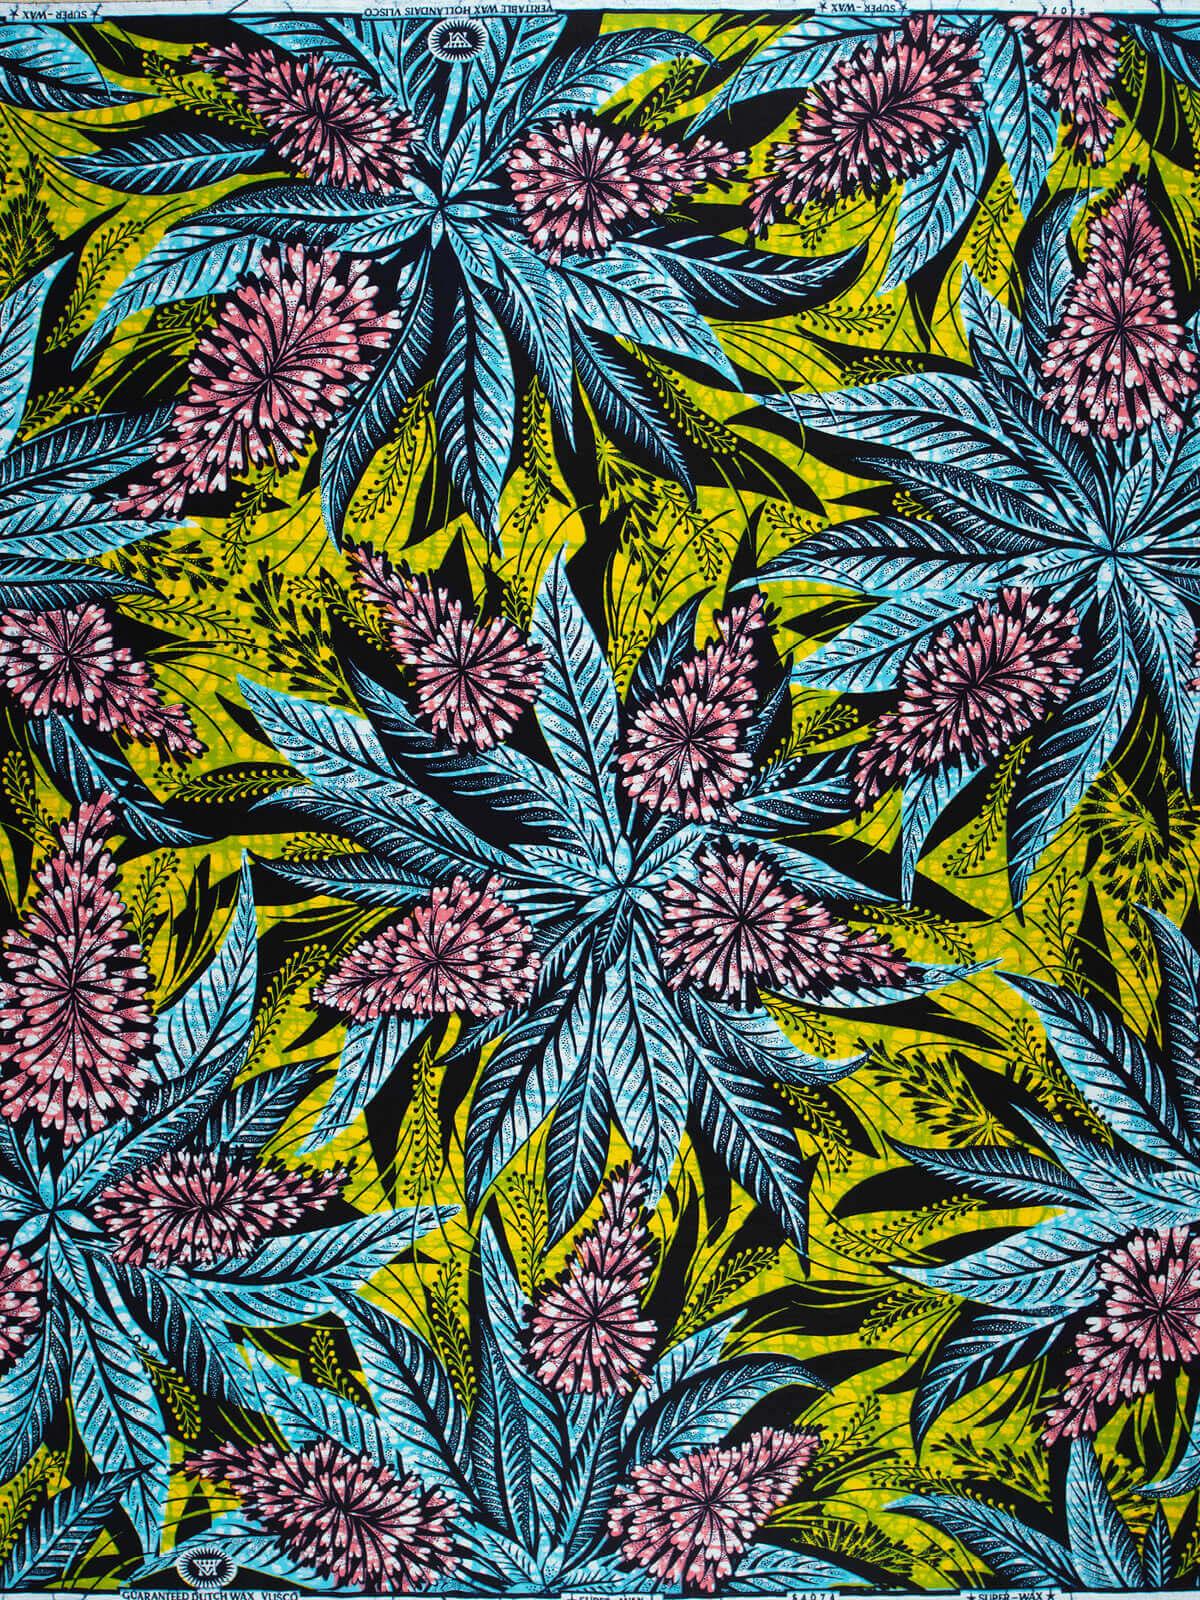 4 Vls4074 005 Lookbook Fabric W29 2